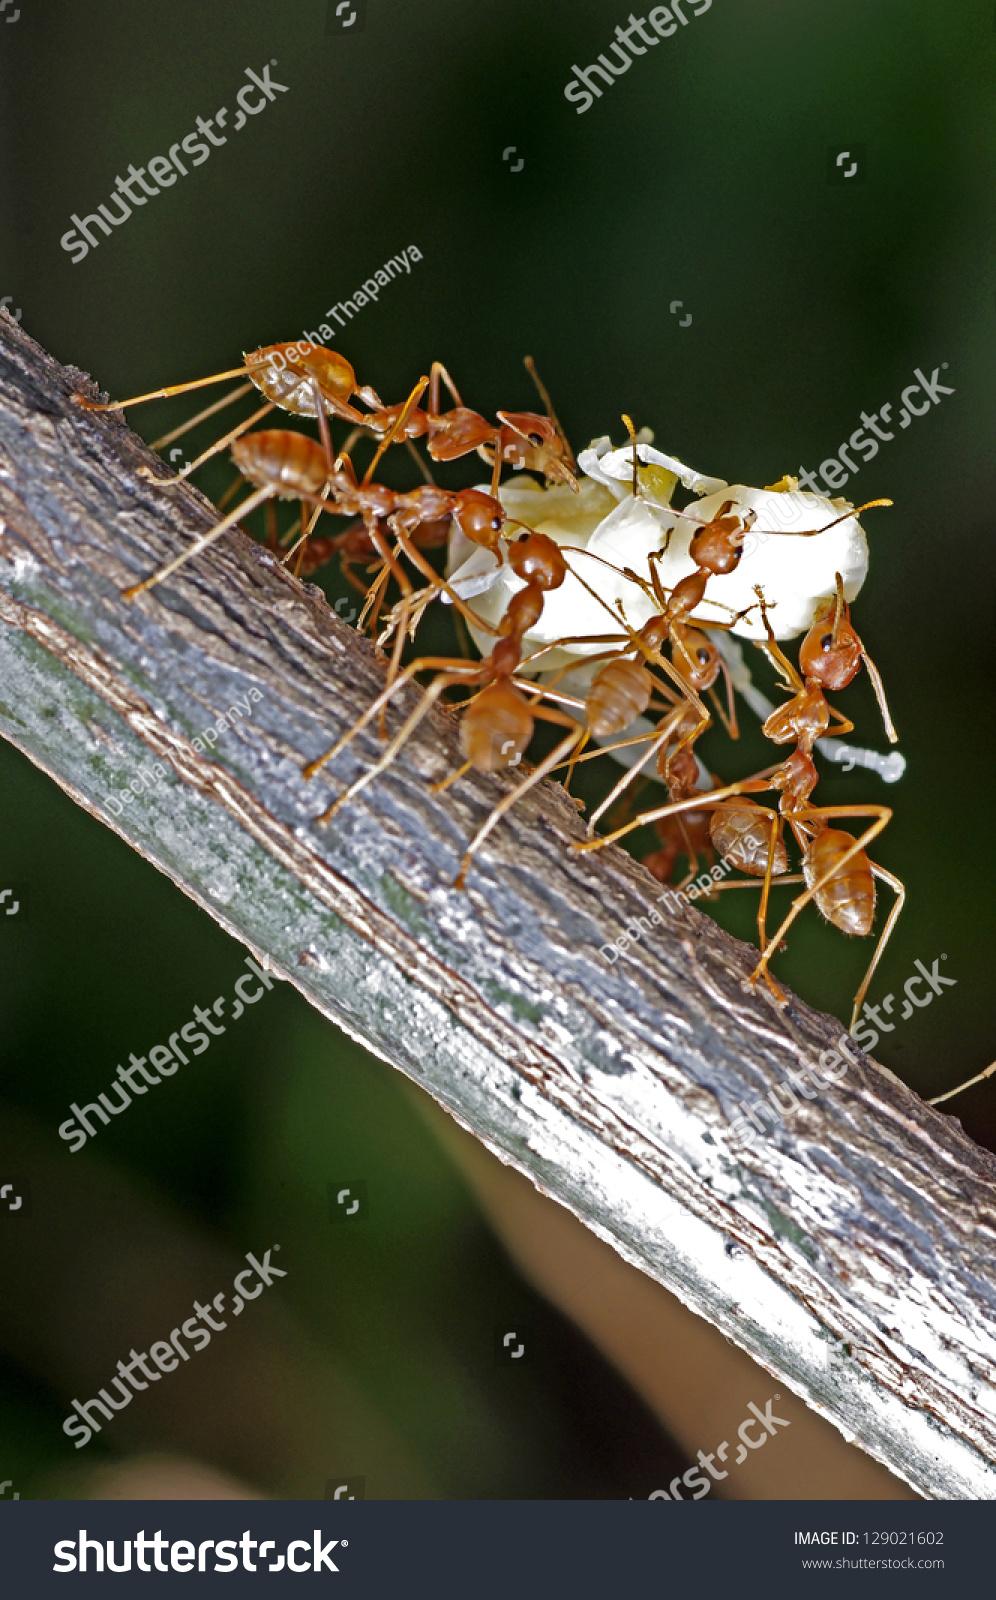 蚂蚁搬家的幼虫-动物/野生生物,自然-海洛创意()-中国图片